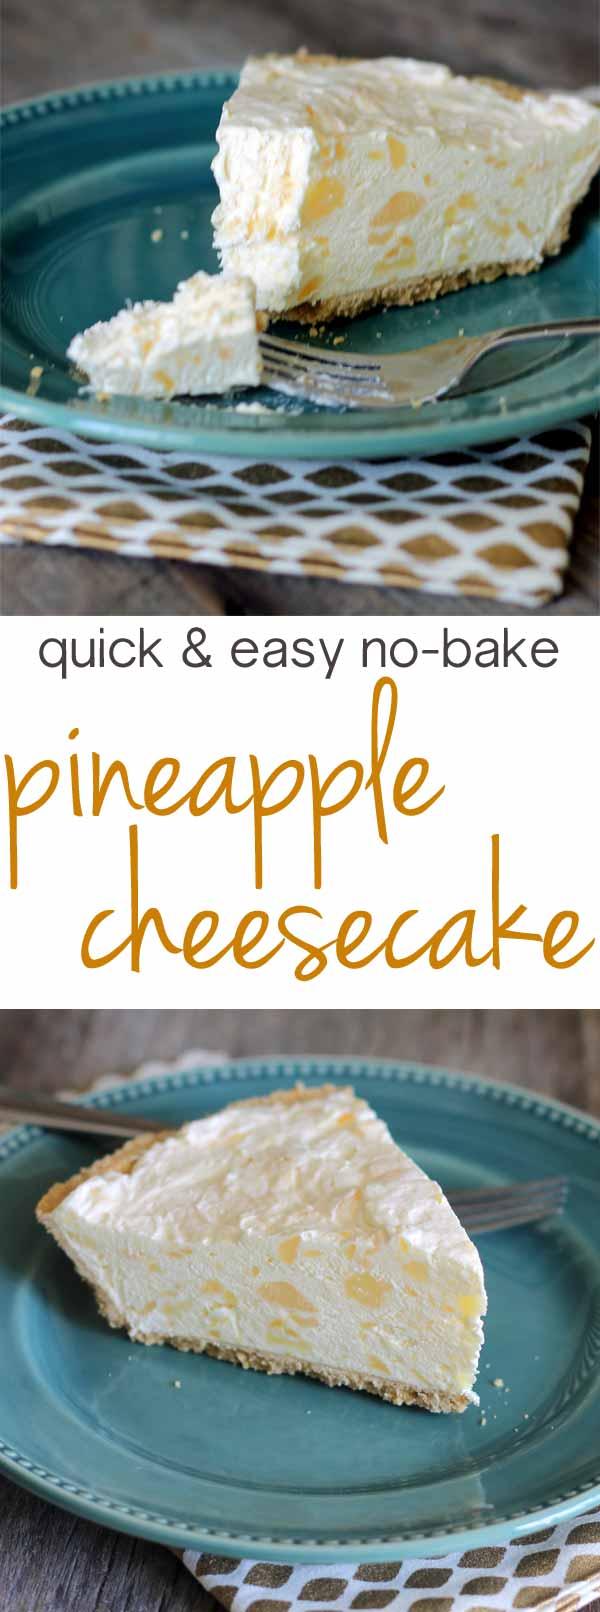 Pineapple Cheesecake A No Bake 5 Minute Recipe